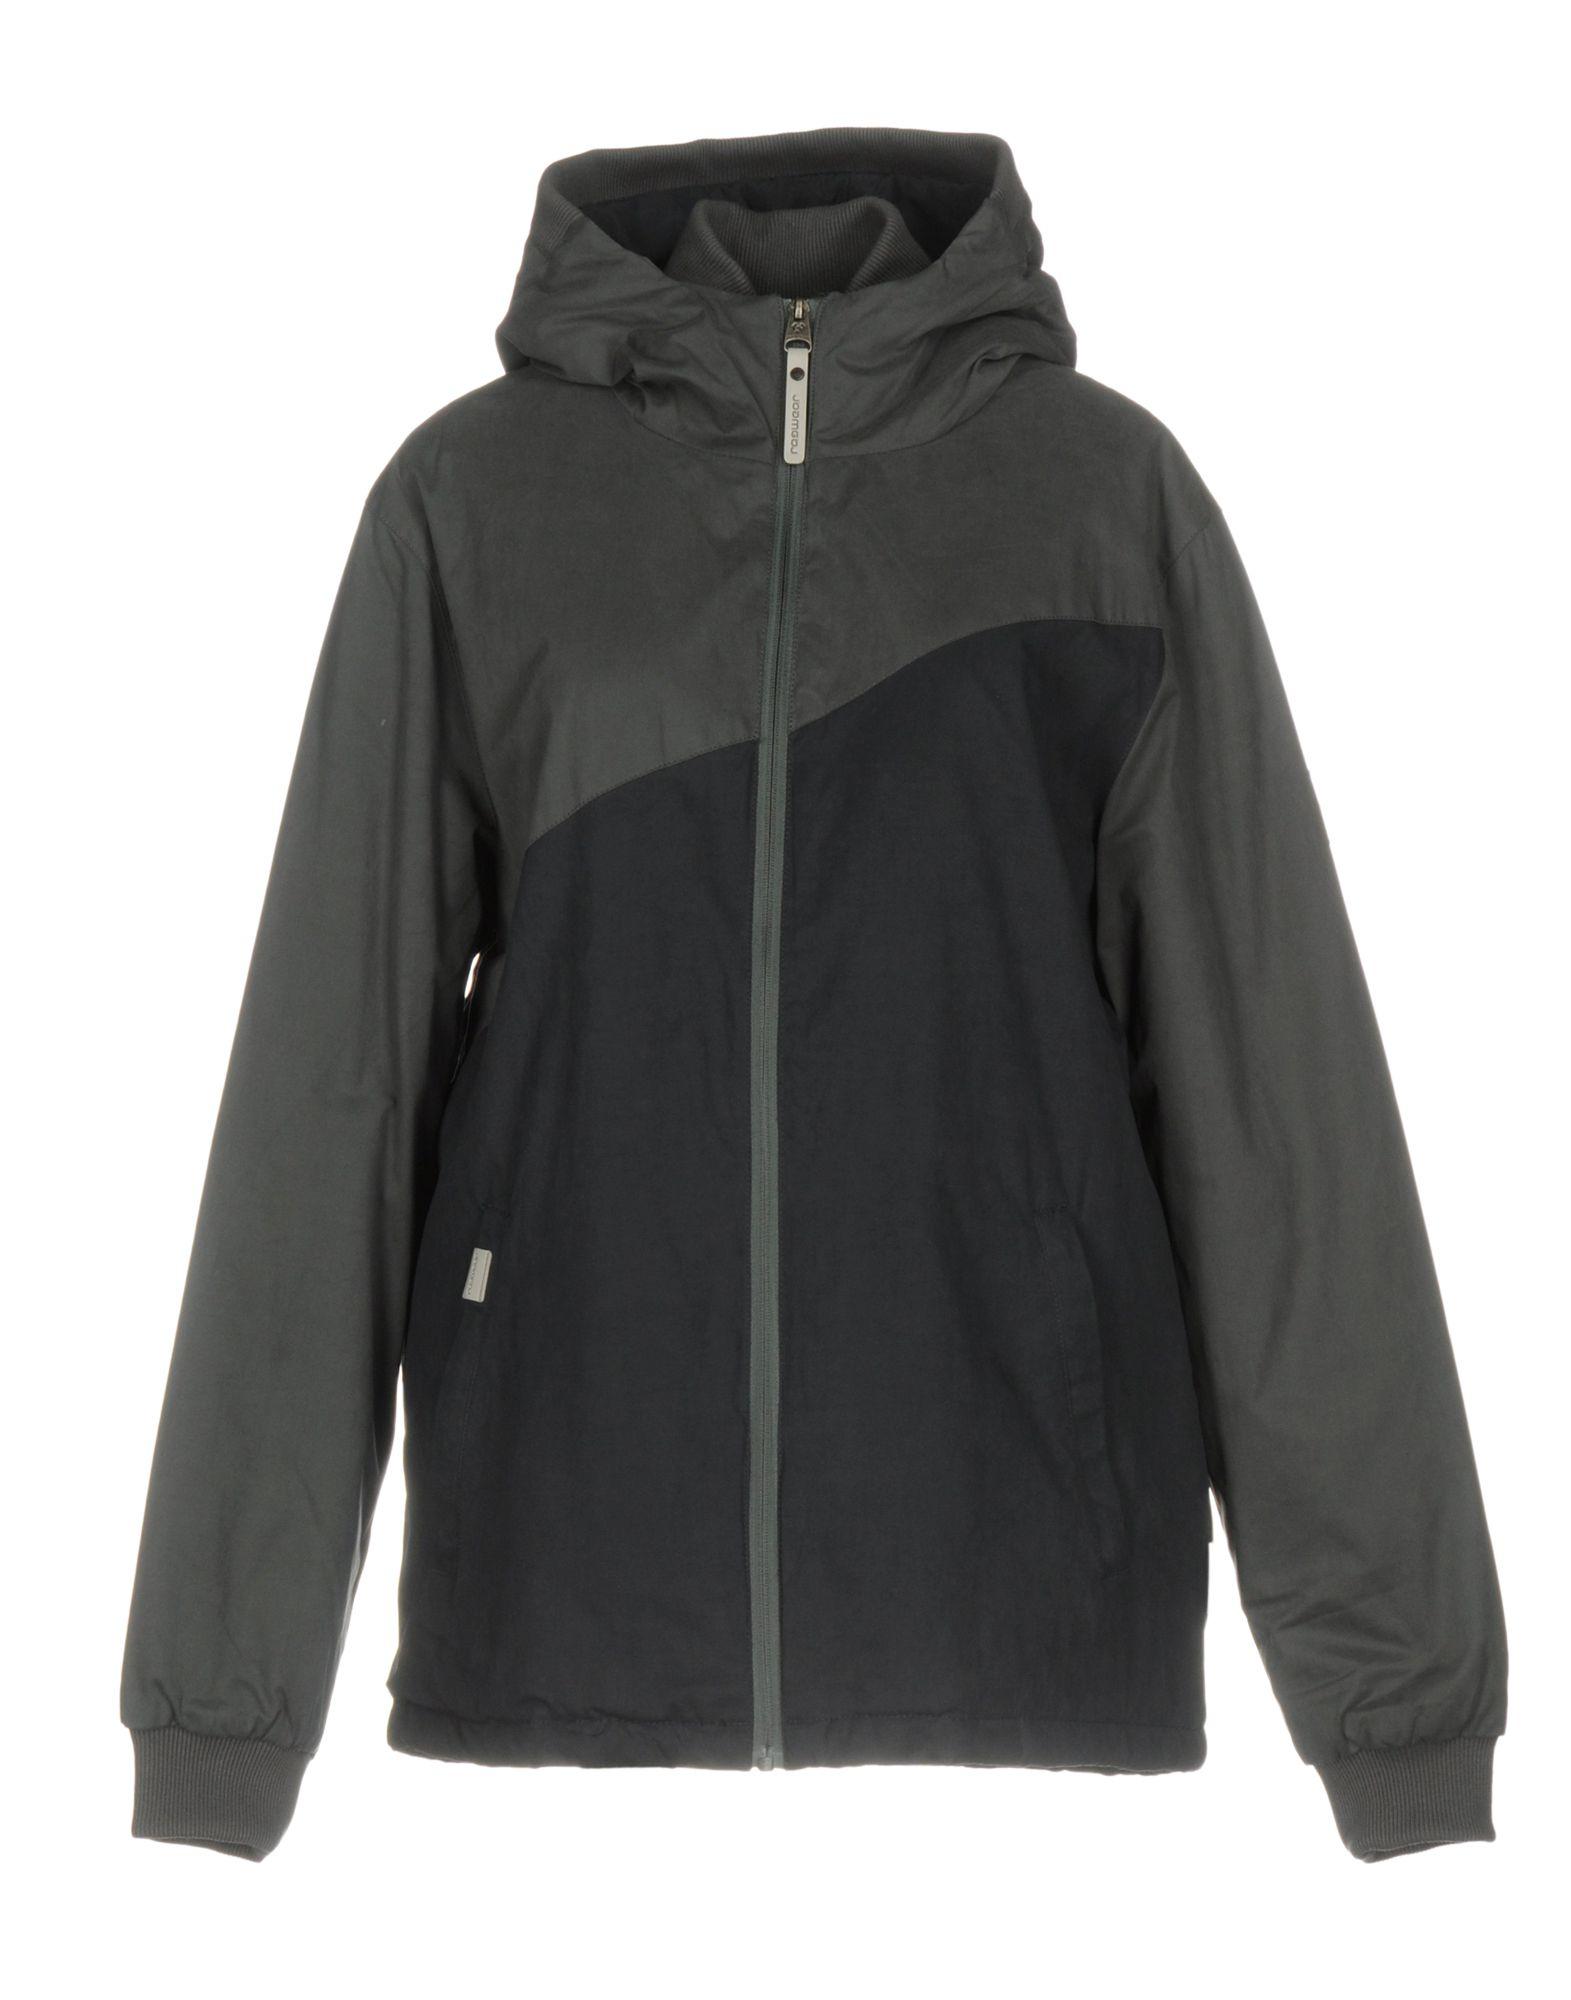 RAGWEAR Damen Jacke Farbe Blei Größe 6